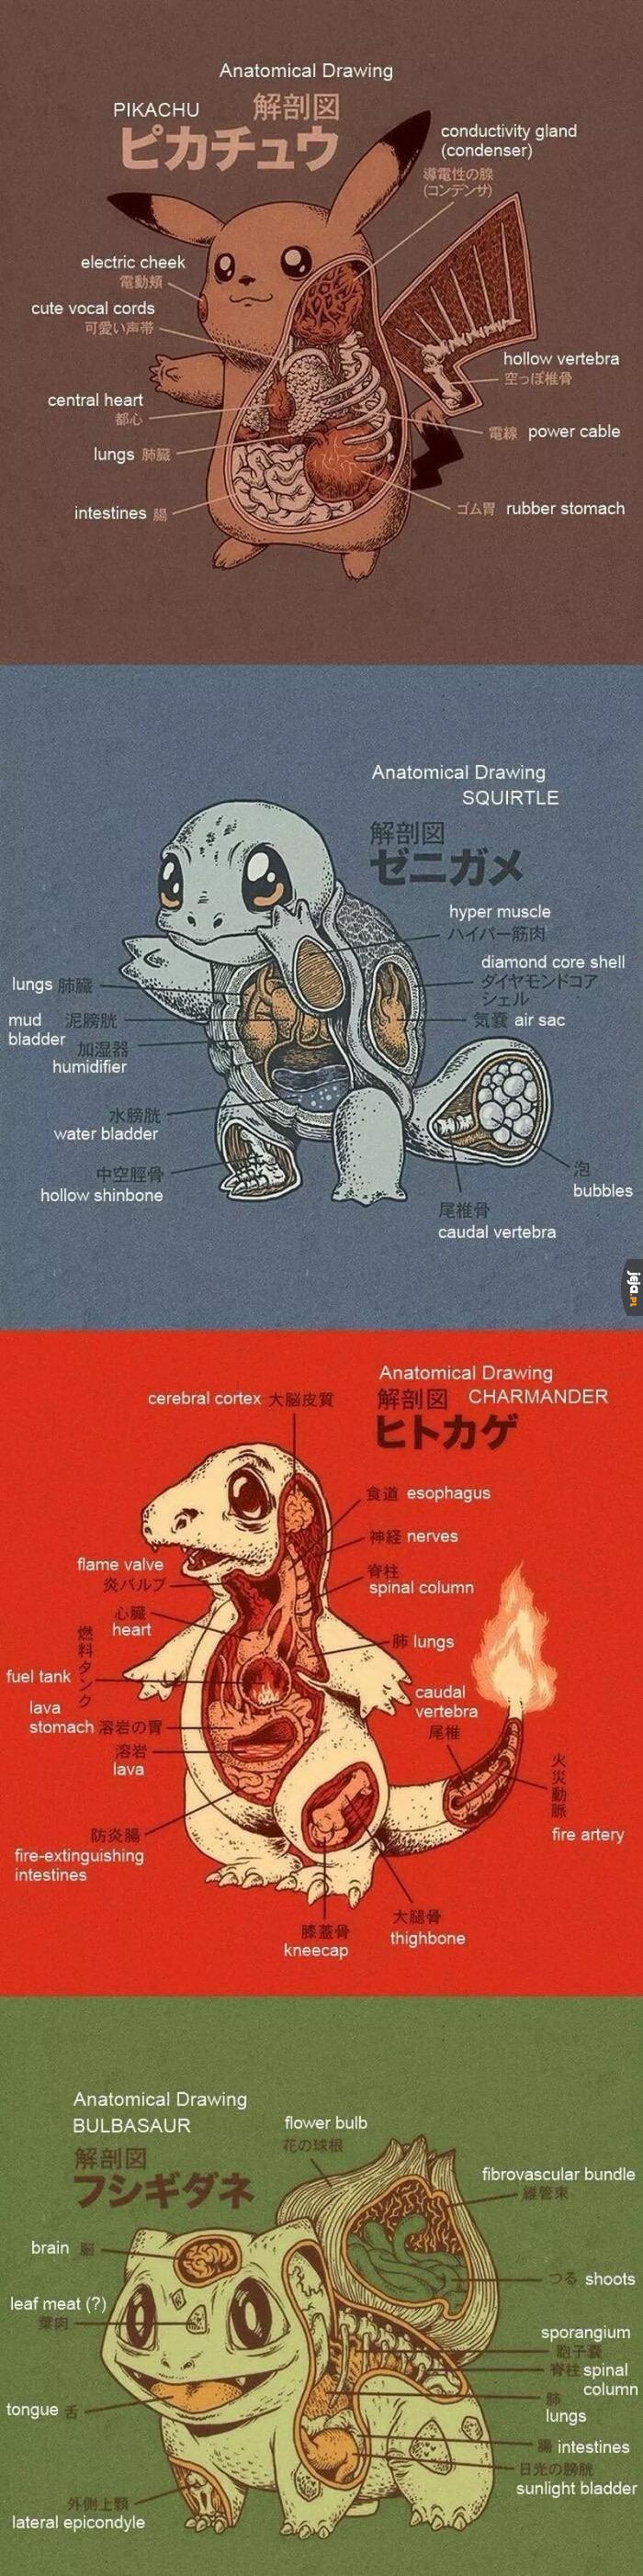 Gdyby ktoś się zastanawiał, jak wygląda wnętrze Pokemonów